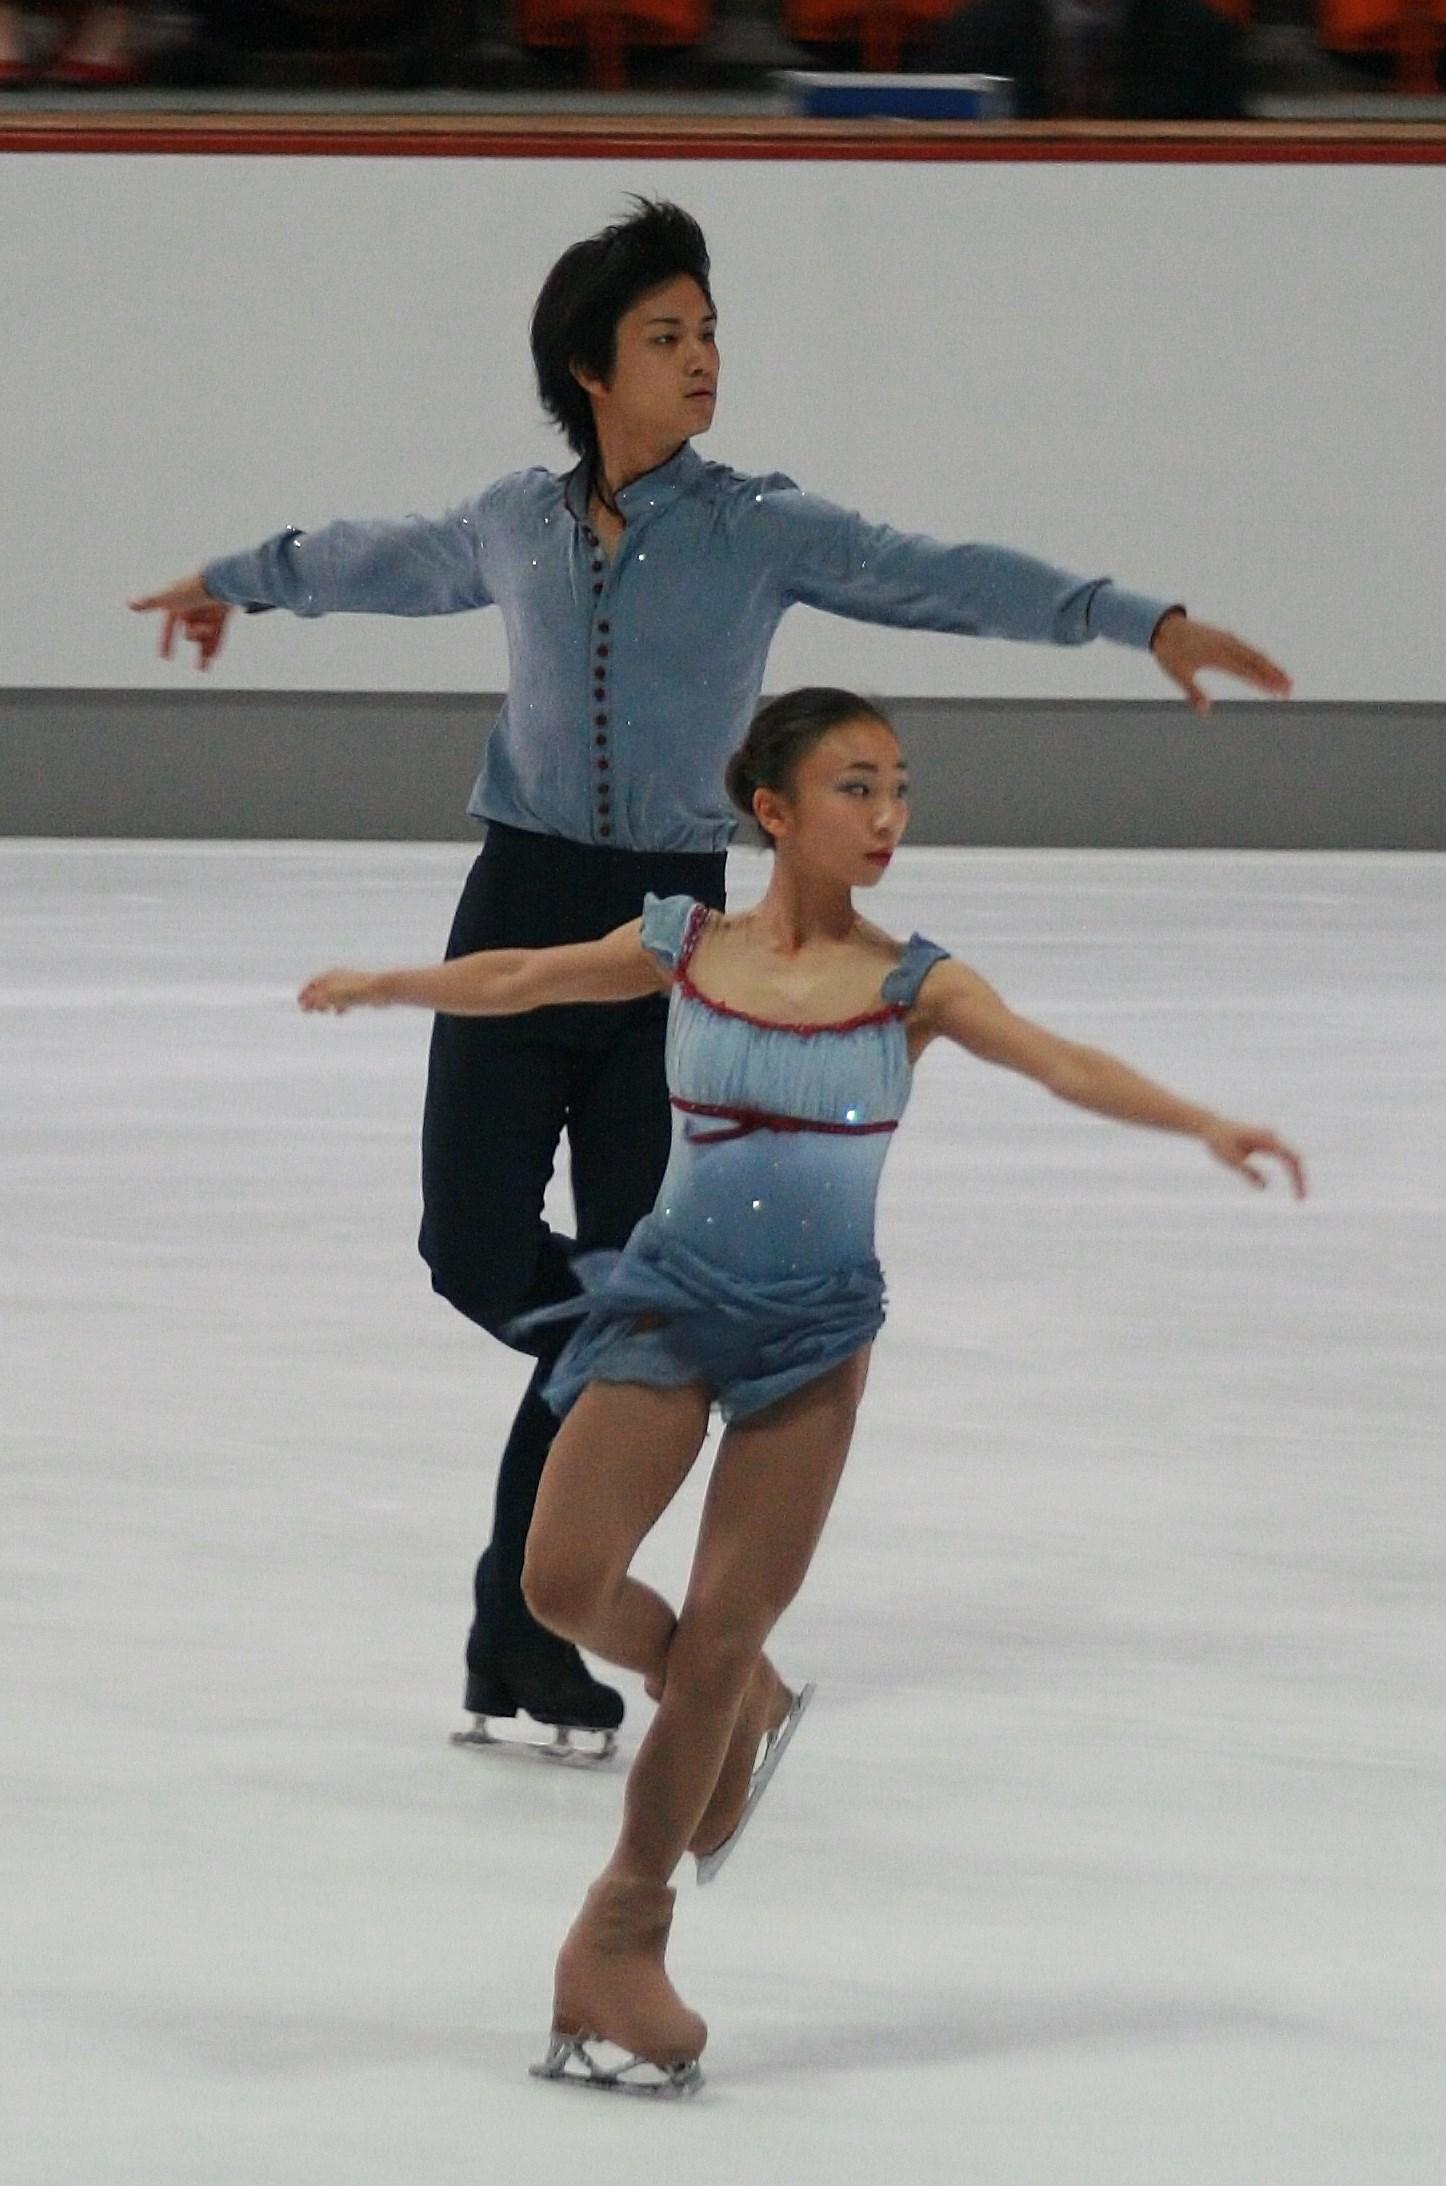 織田信成 (フィギュアスケート選手)の画像 p1_39